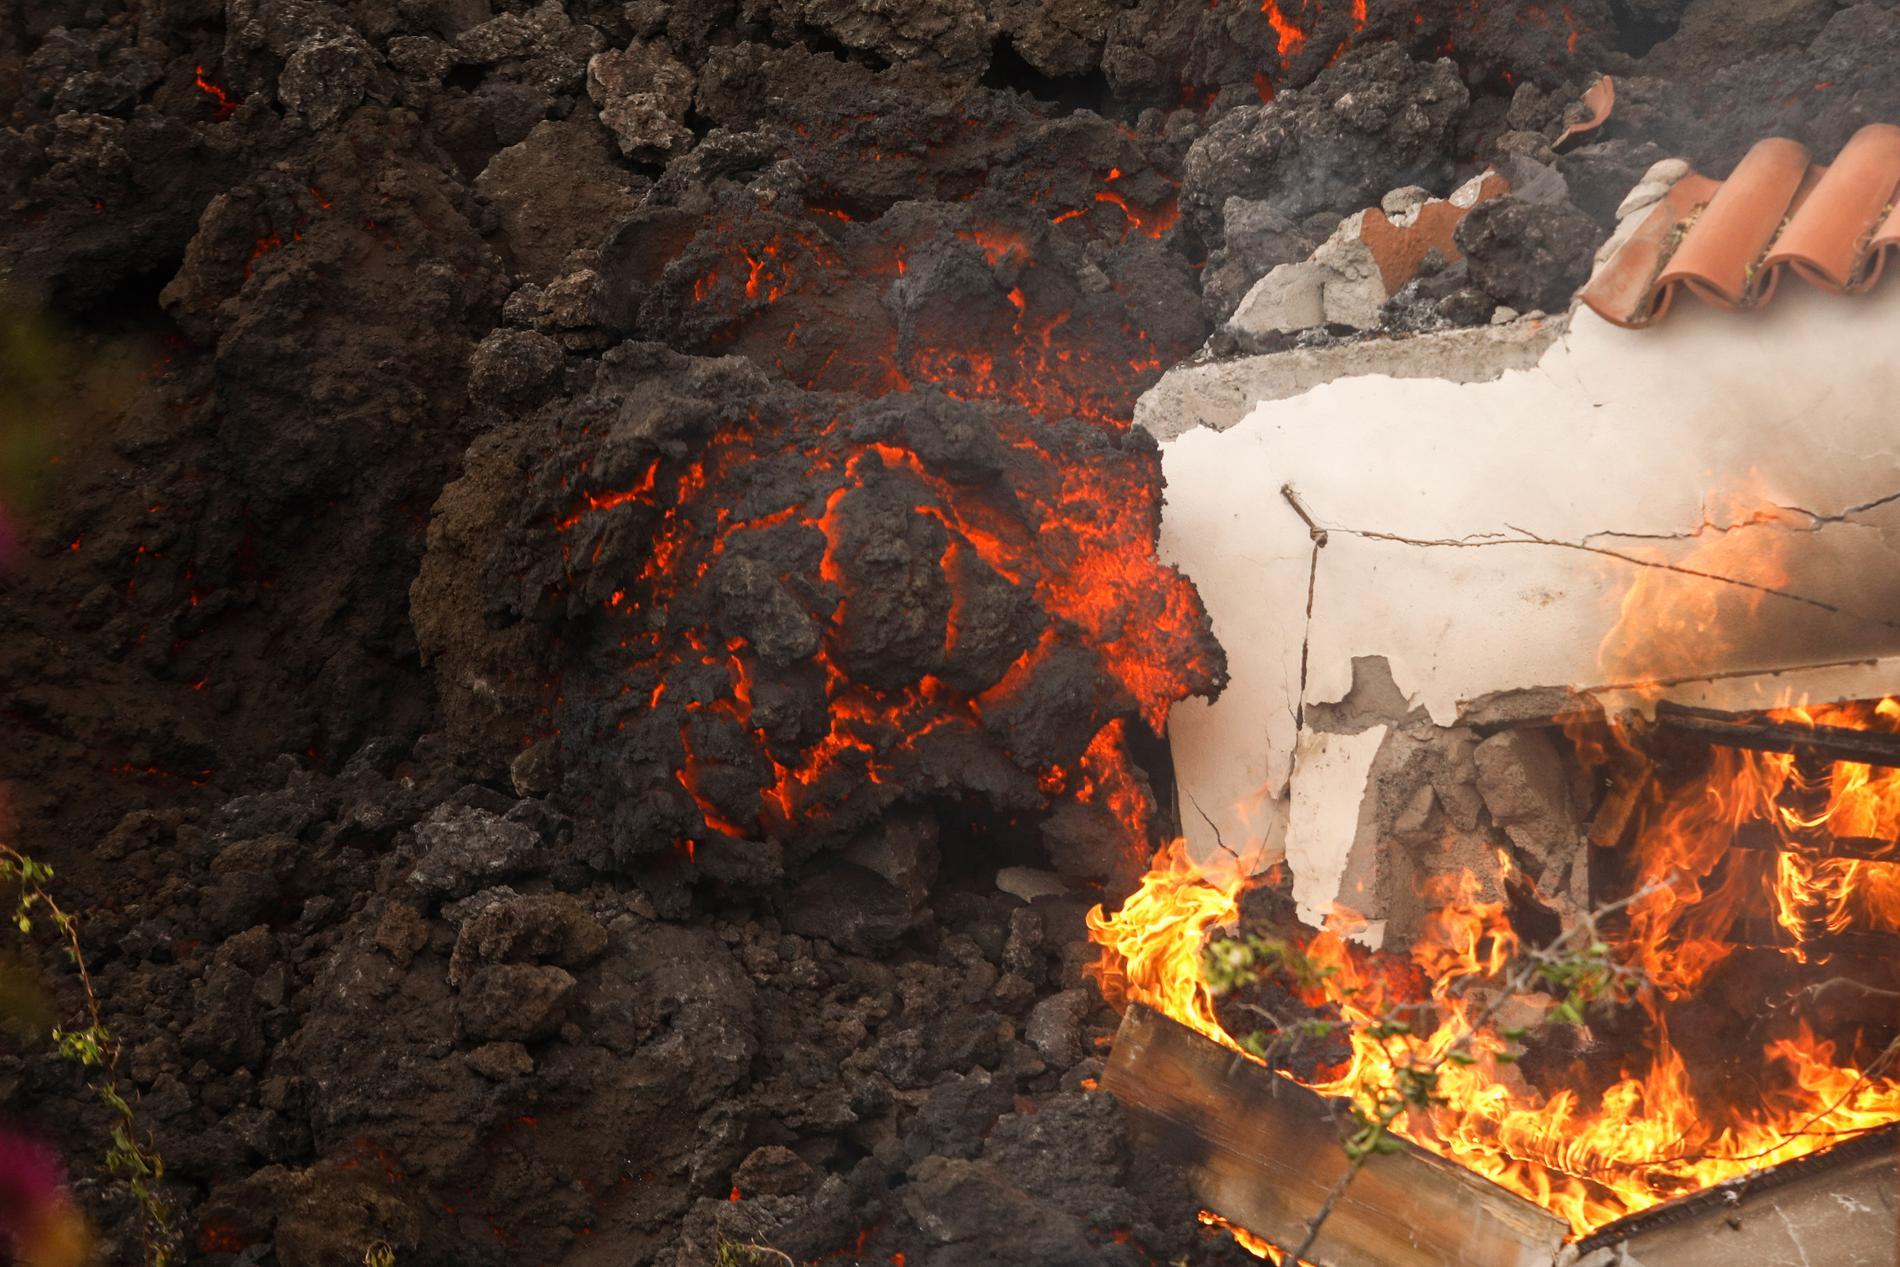 Rinnande lava slukar en byggnad nära El Paso på La Palma. Luften är fylld av svart rök. Tusentals människor har tvingats evakuera.